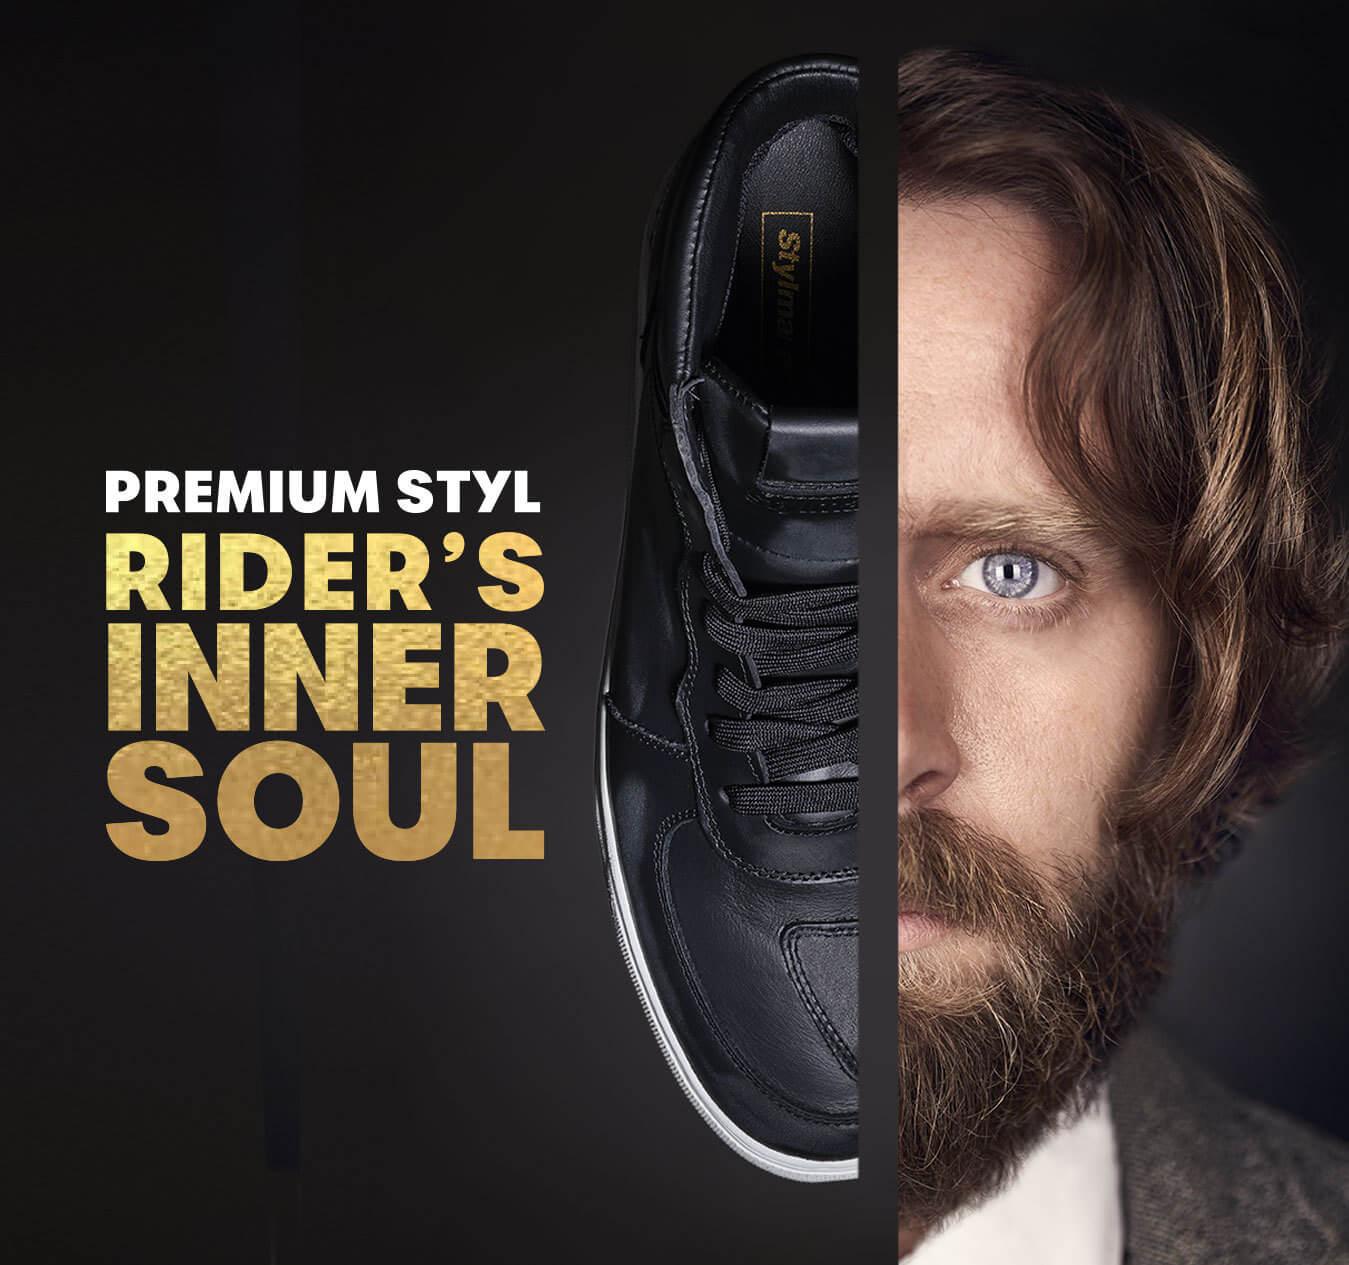 Sneakers impermeabili Venice LTD Premium Styl: Rider's Inner Soul. Stefano, quando la passione ti vibra dentro.